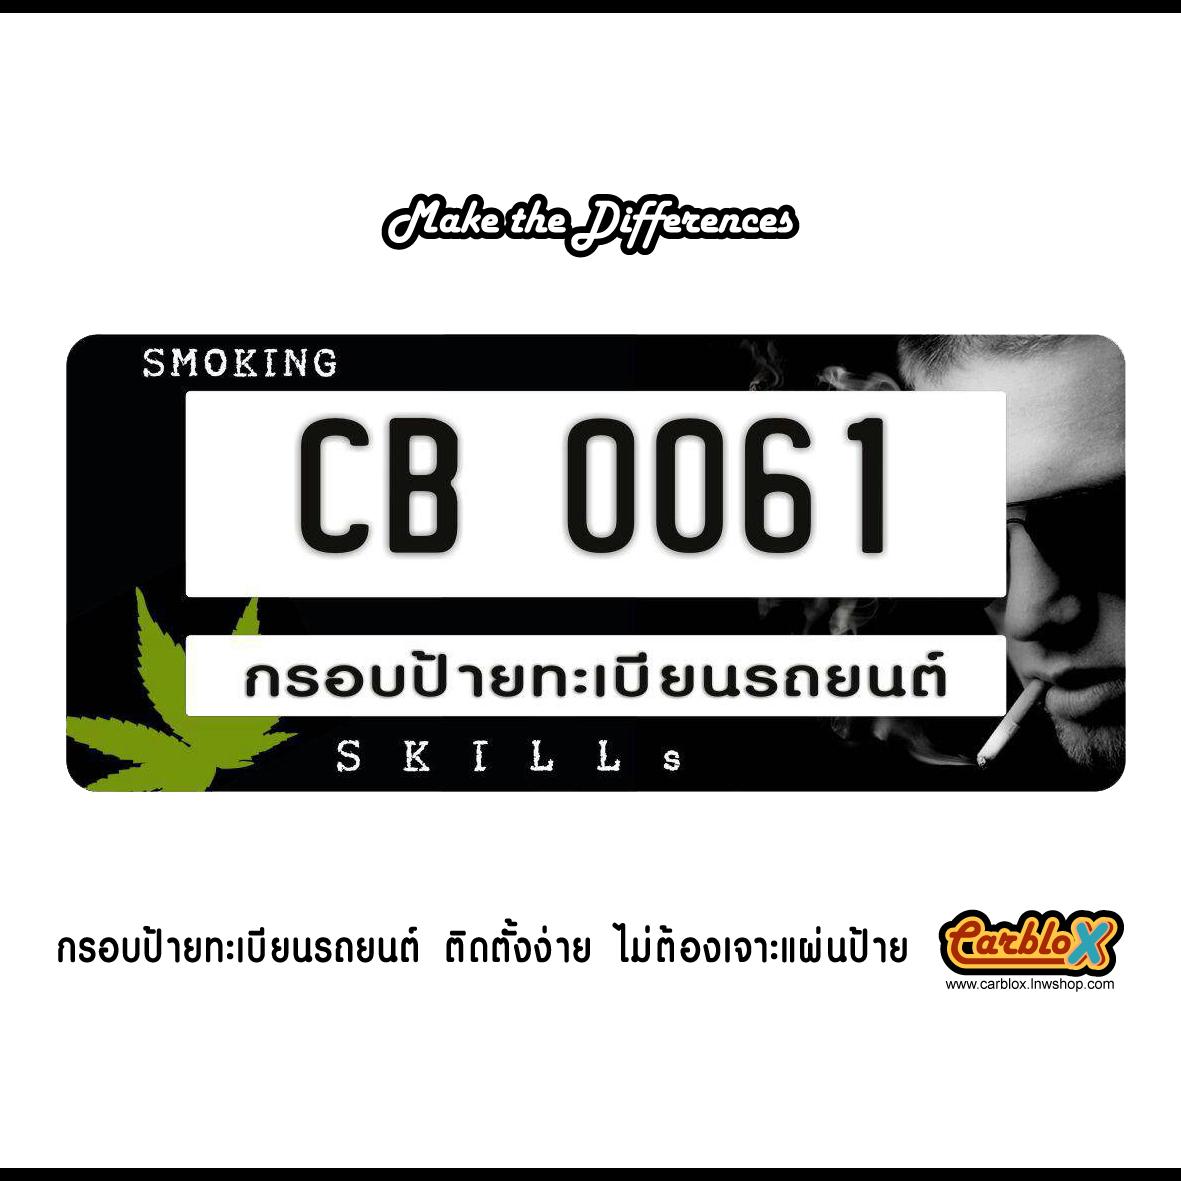 กรอบป้ายทะเบียนรถยนต์ CARBLOX ระหัส CB 0061 ลายธรรมชาติ NATURE.